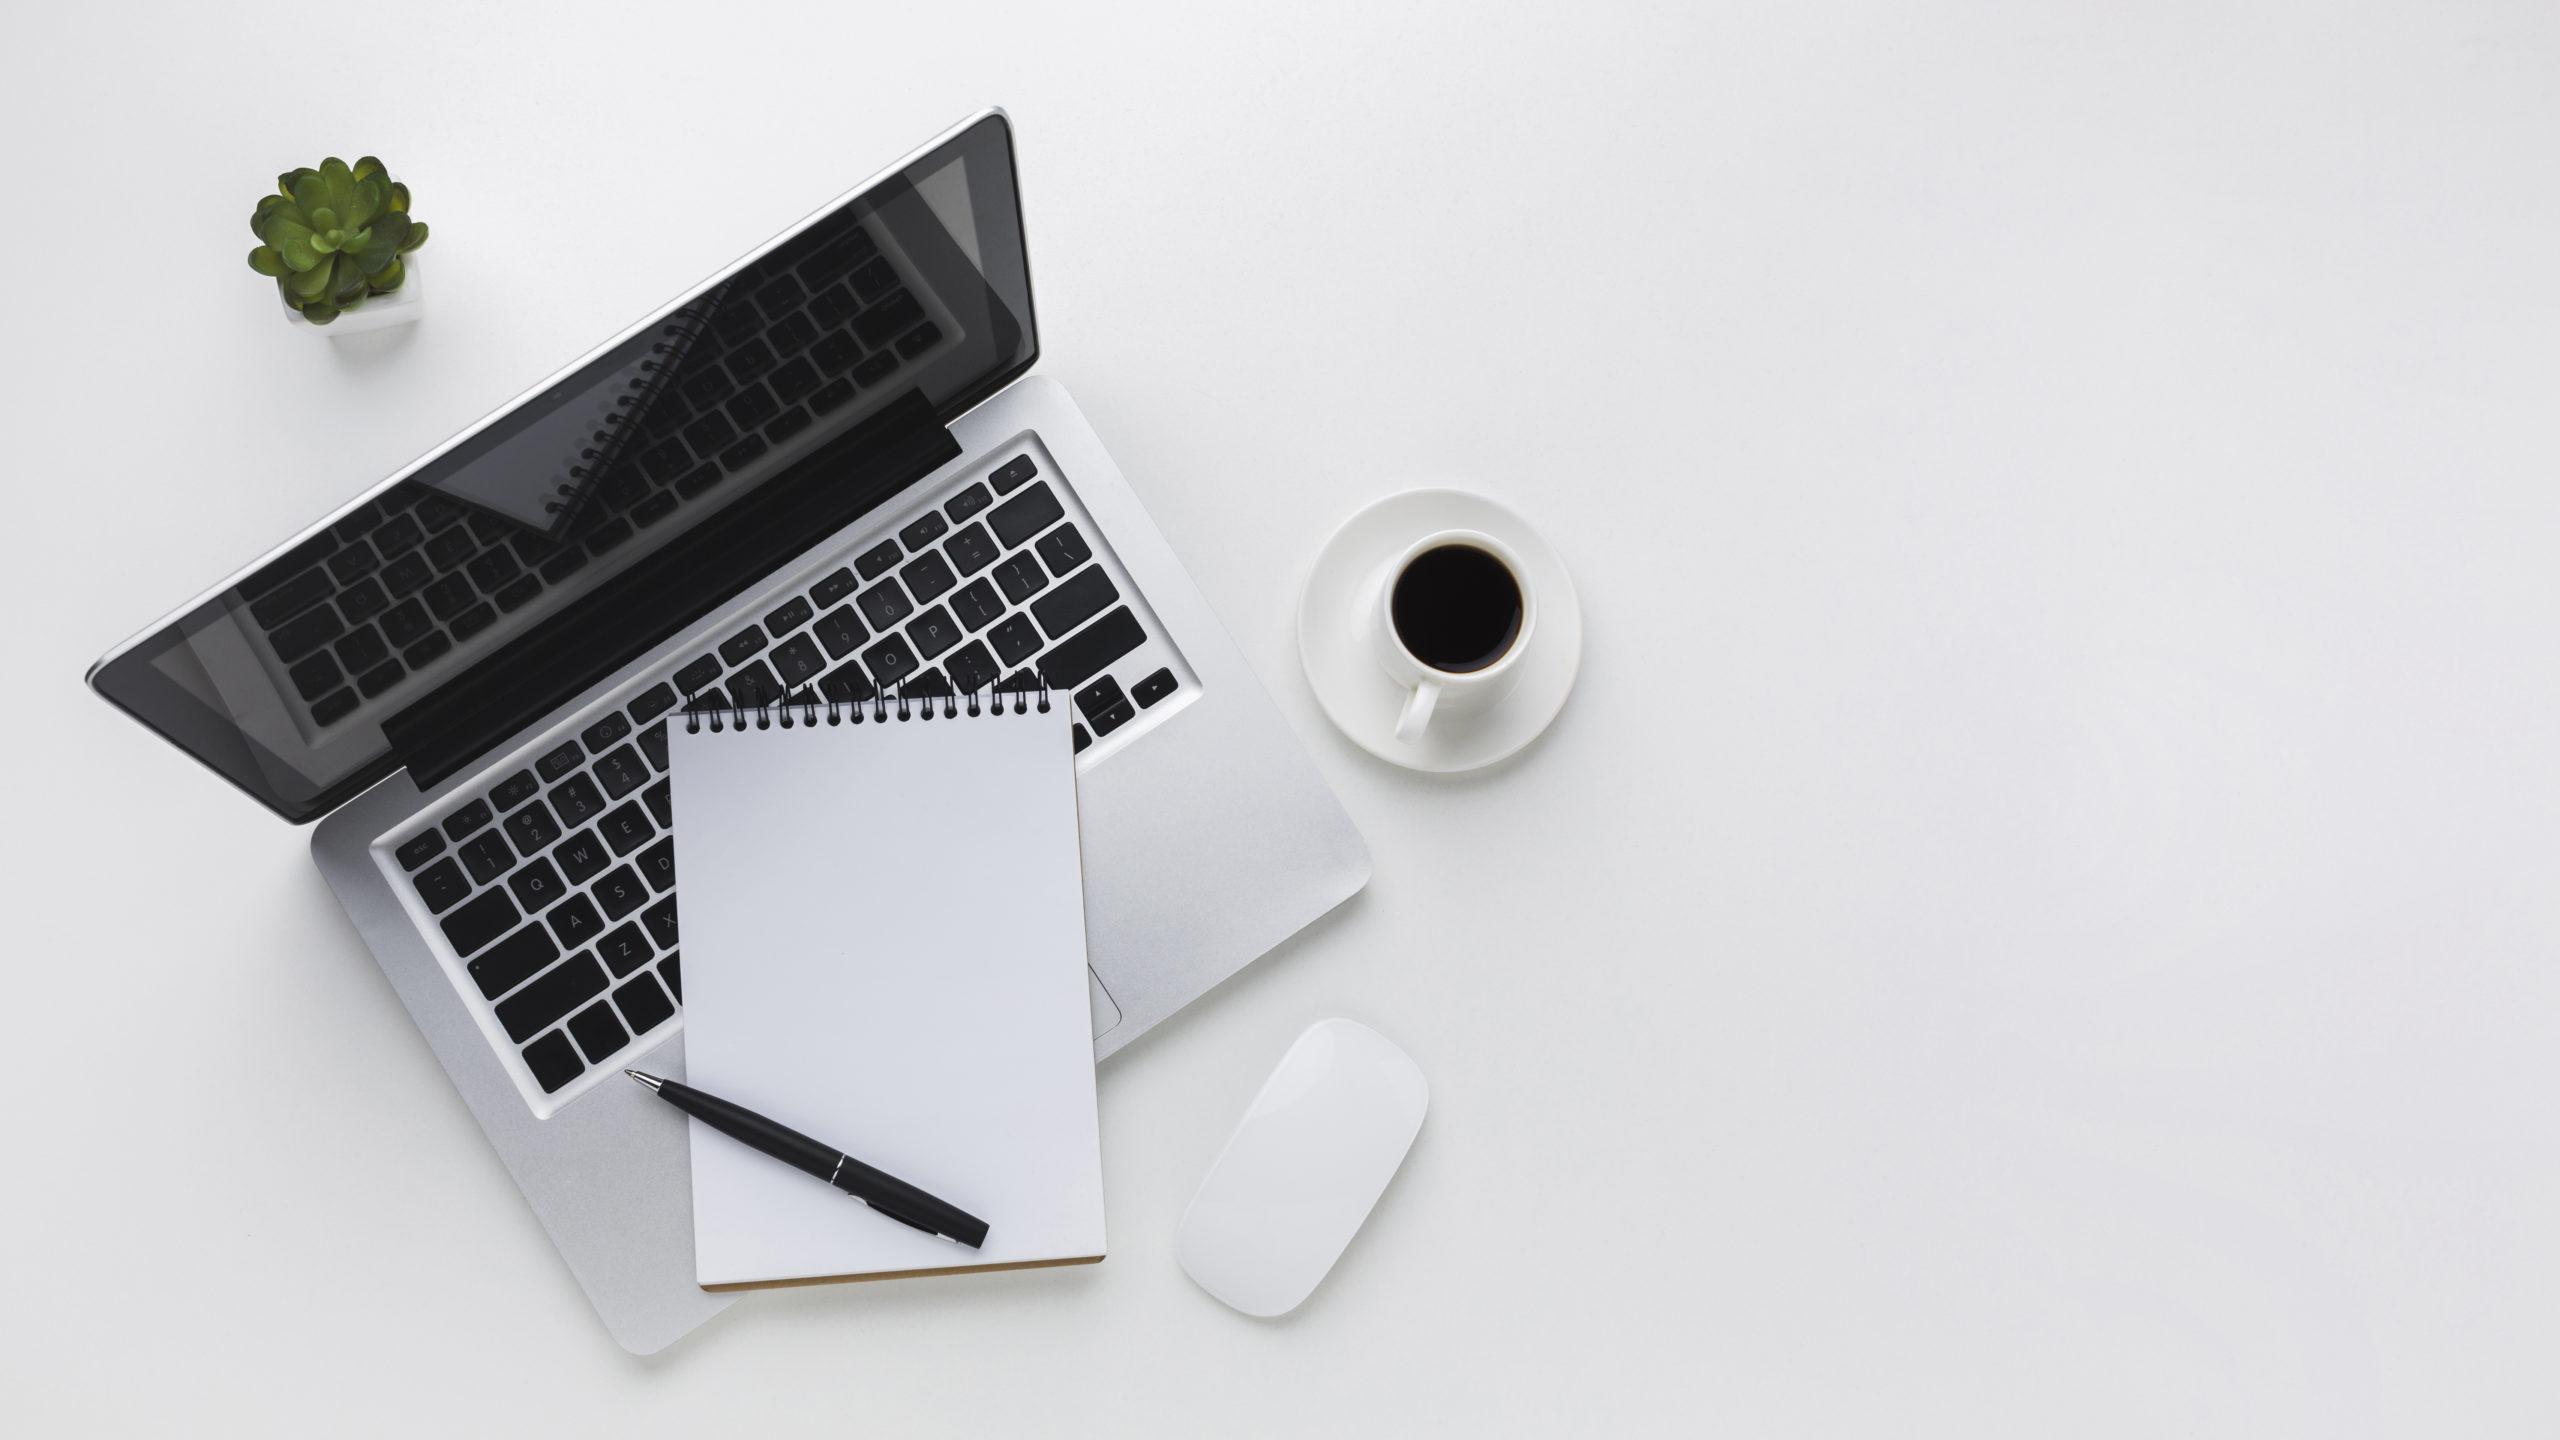 Как выбрать экономный ноутбук